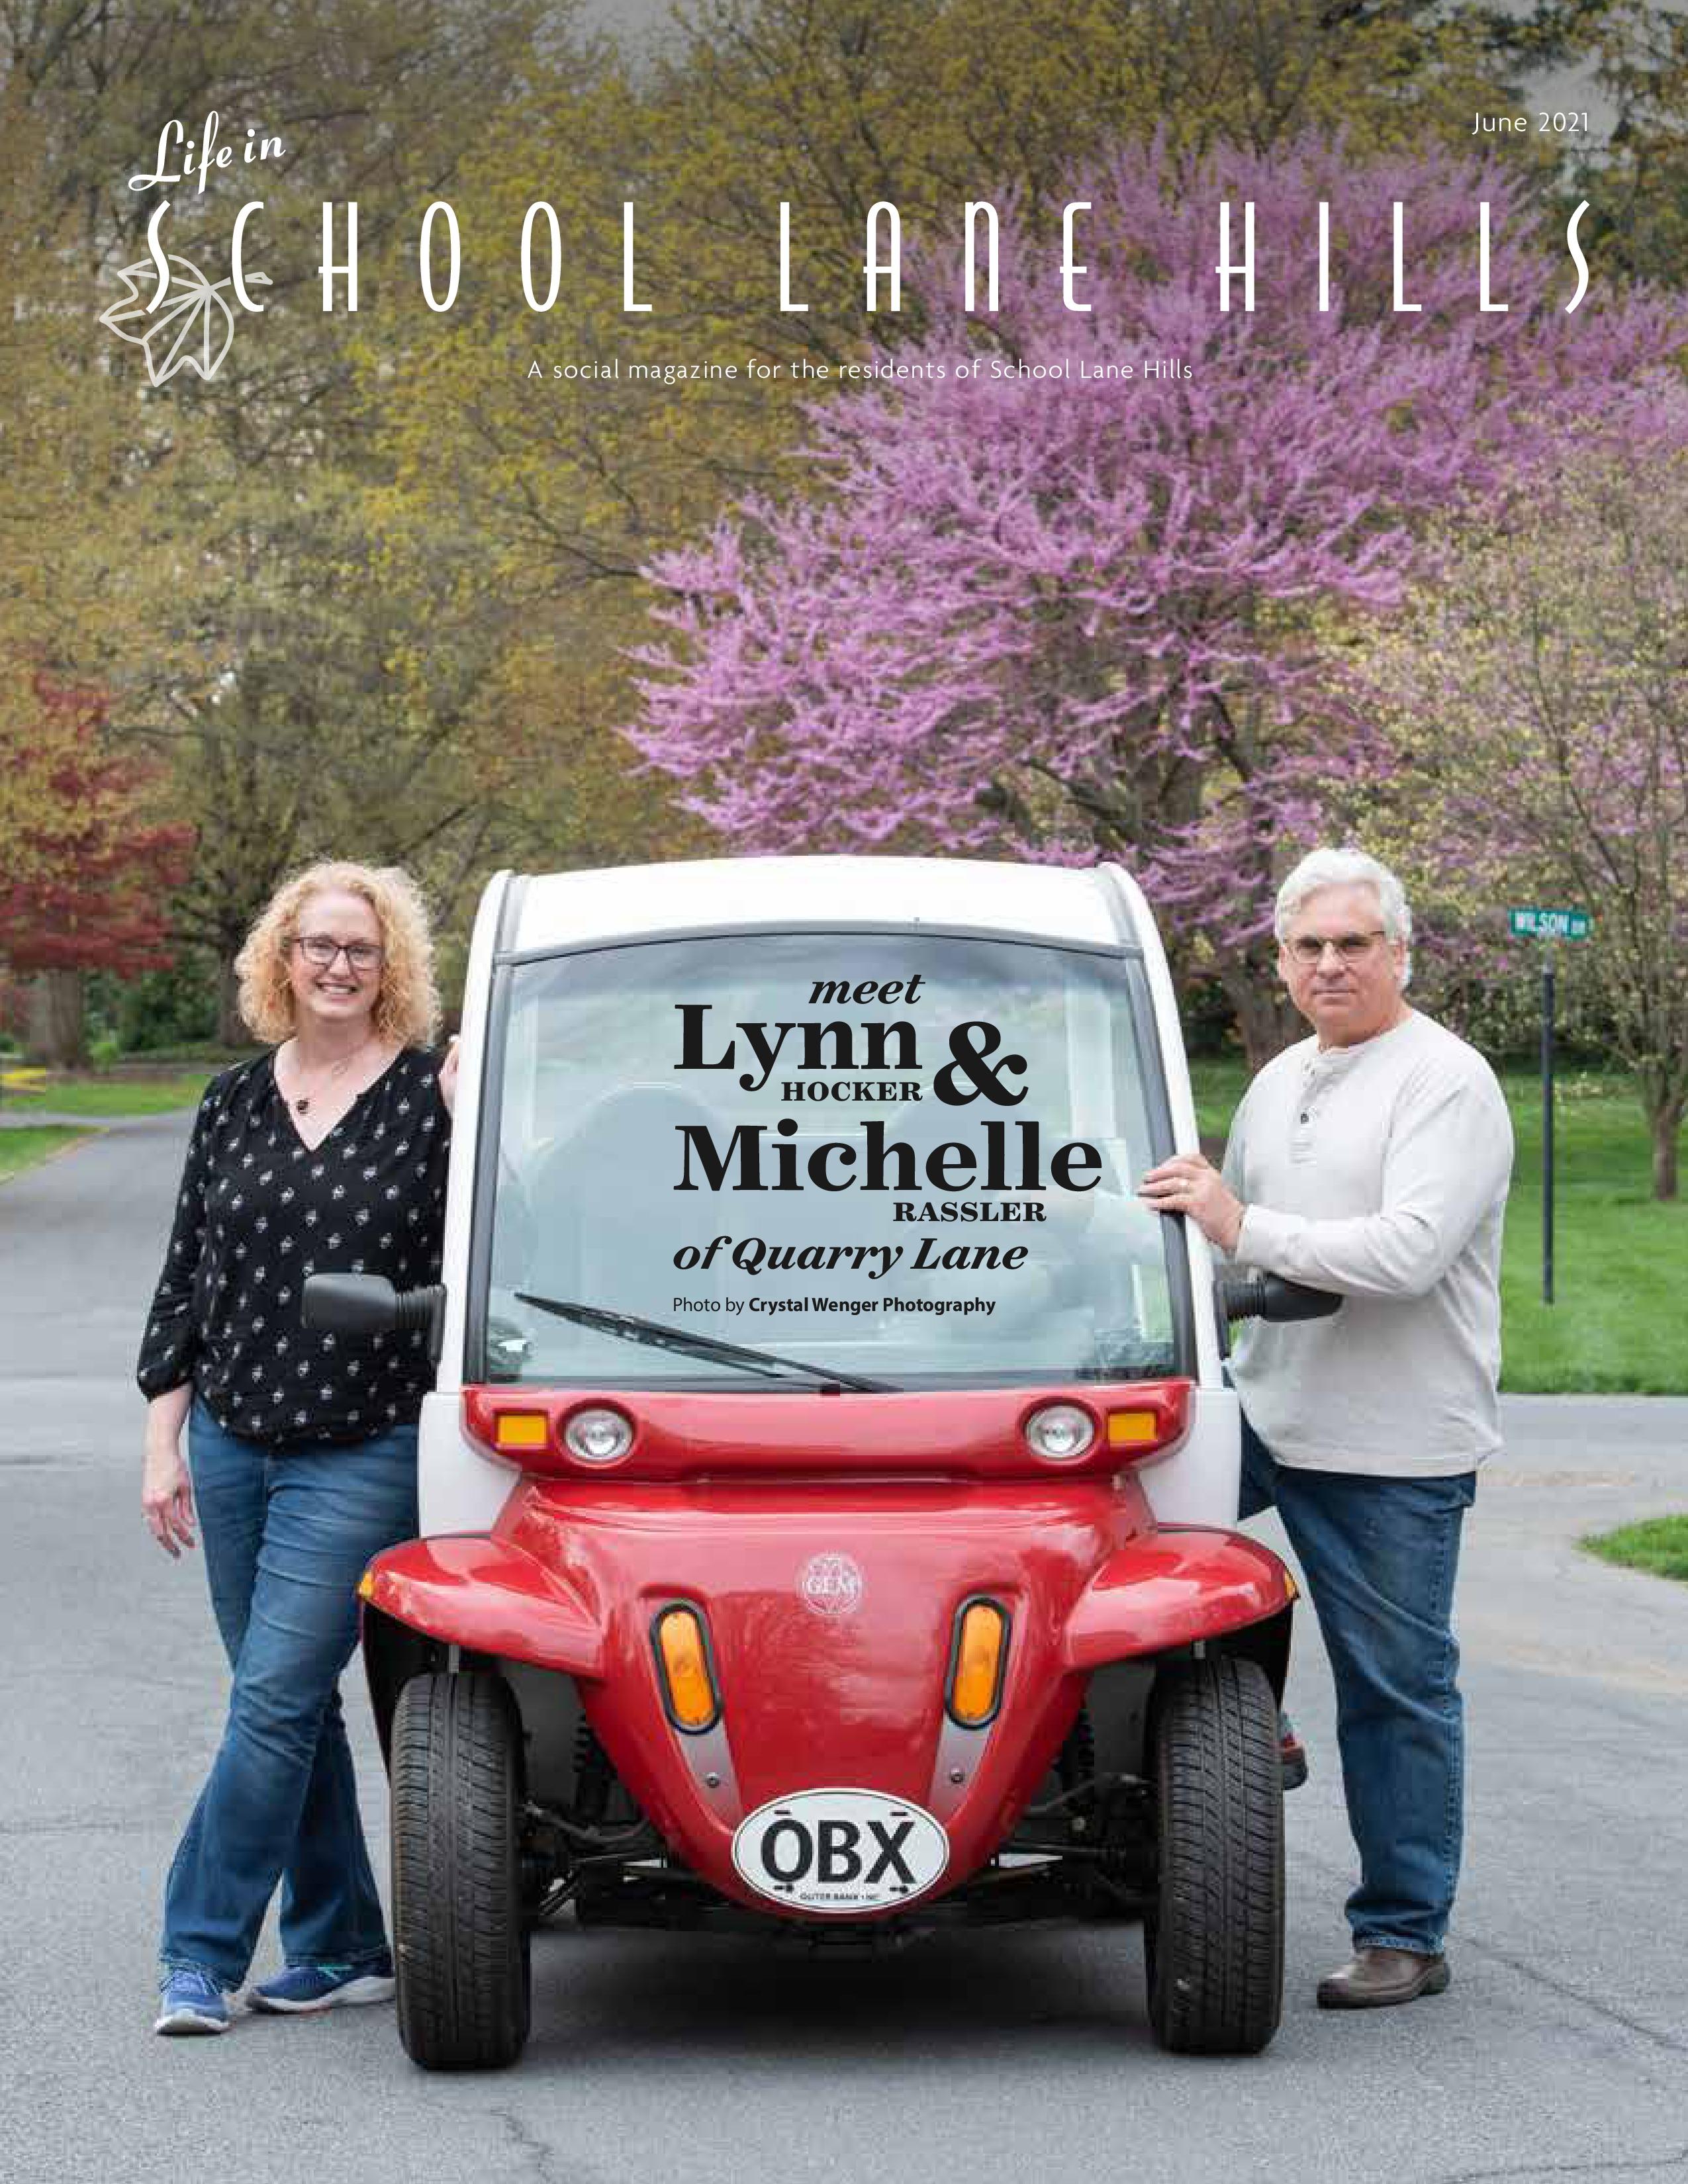 Life in School Lane Hills 2021-06-01